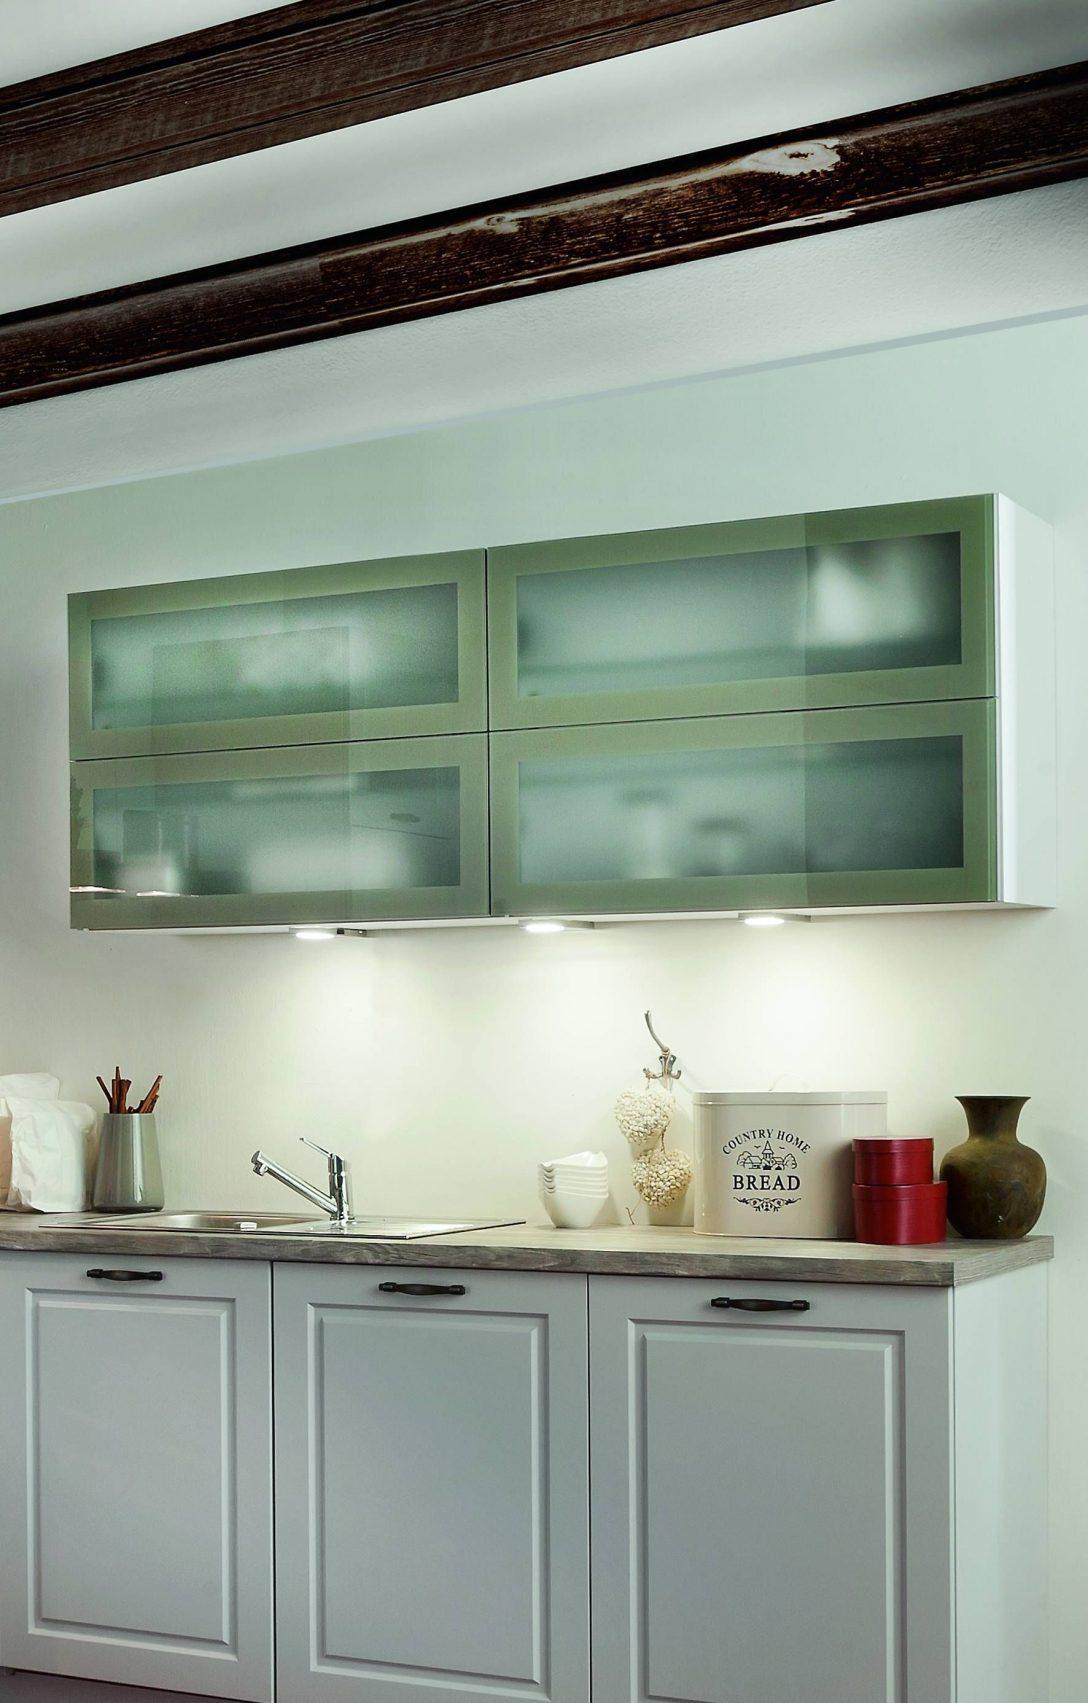 Large Size of Unterschränke Küche Ohne Arbeitsplatte Schmale Unterschränke Küche Beleuchtung Unterschränke Küche Unterschränke Küche Gebraucht Küche Unterschränke Küche